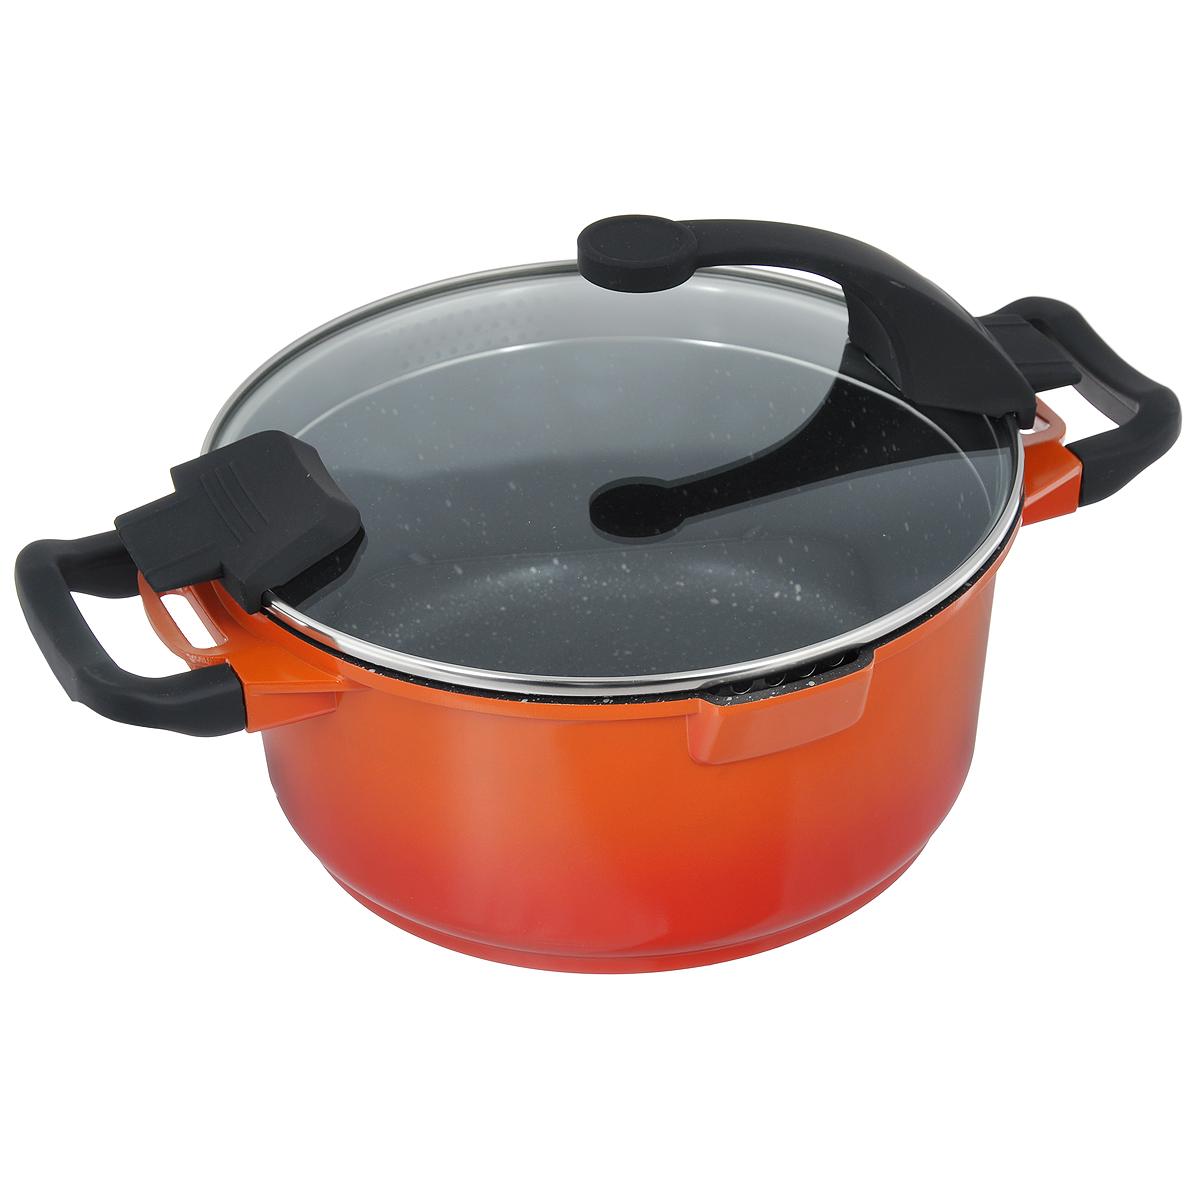 Кастрюля BergHOFF Virgo Orange с крышкой, с антипригарным покрытием, цвет: оранжево-красный, 4,6 л кастрюля berghoff virgo orange с крышкой с антипригарным покрытием цвет оранжево красный 4 6 л